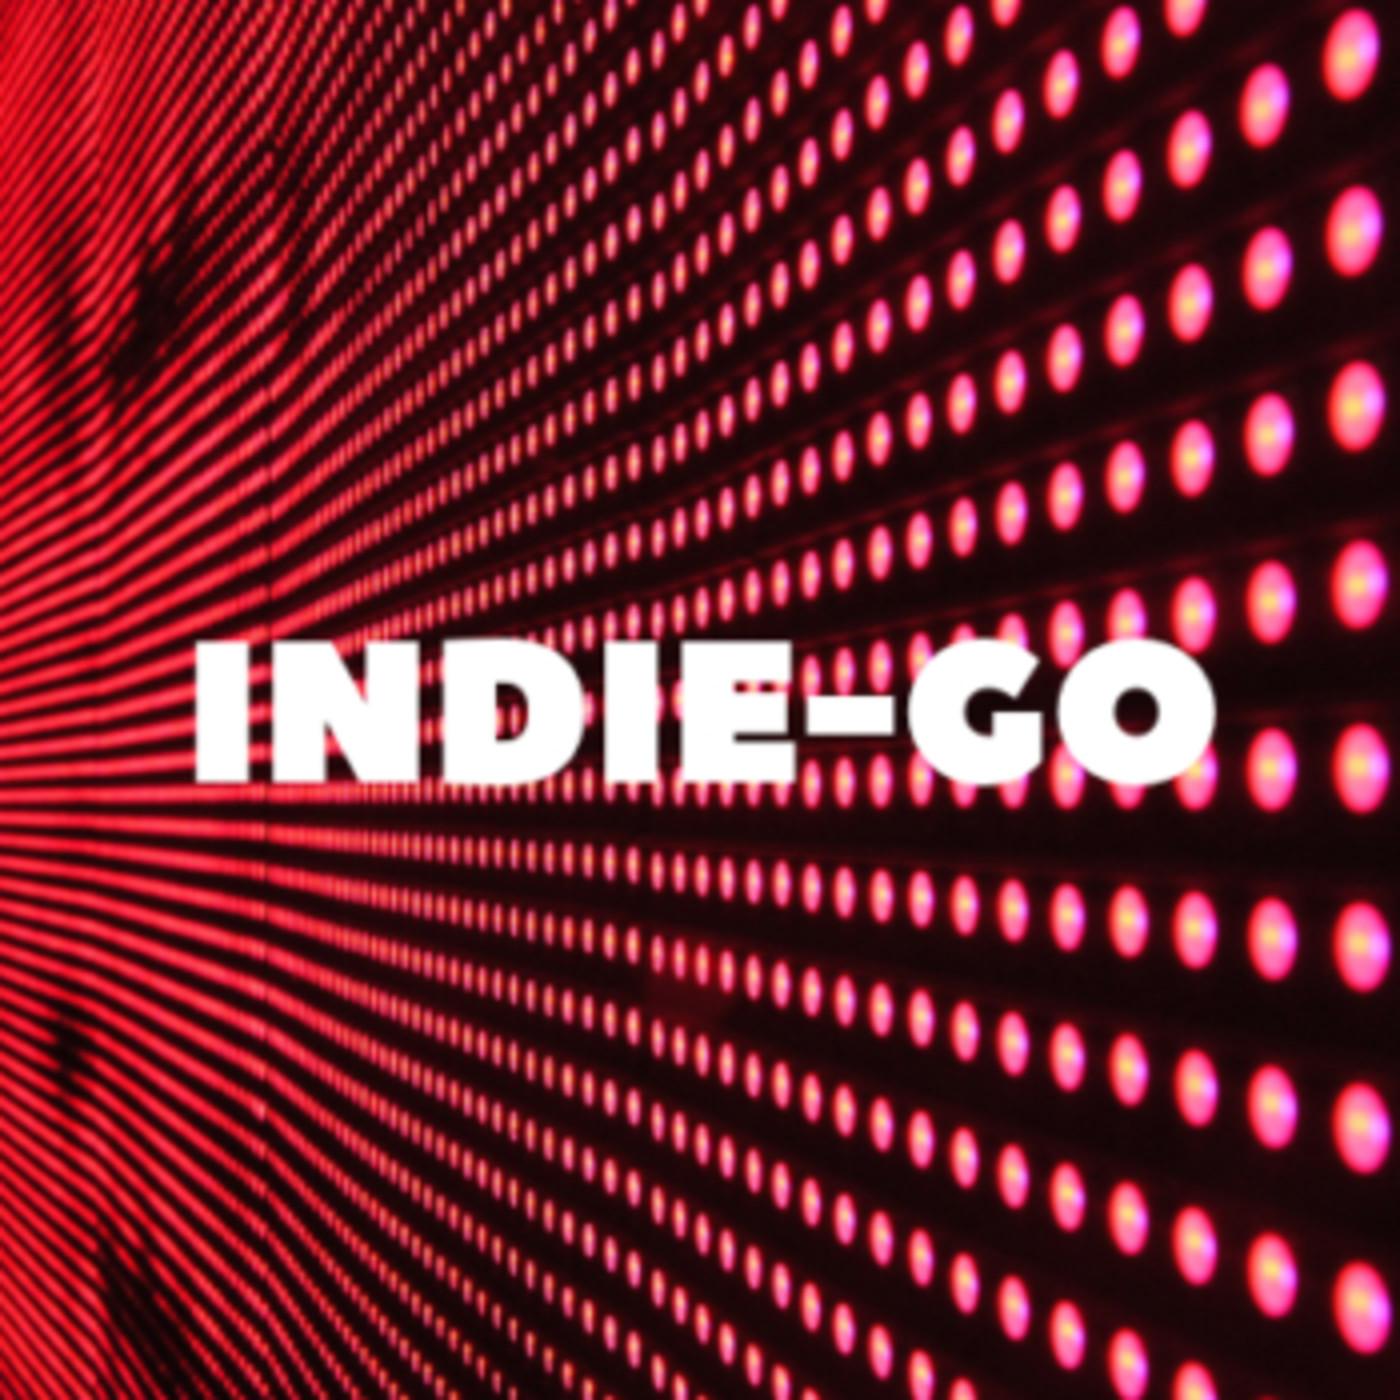 Indie - Go 01